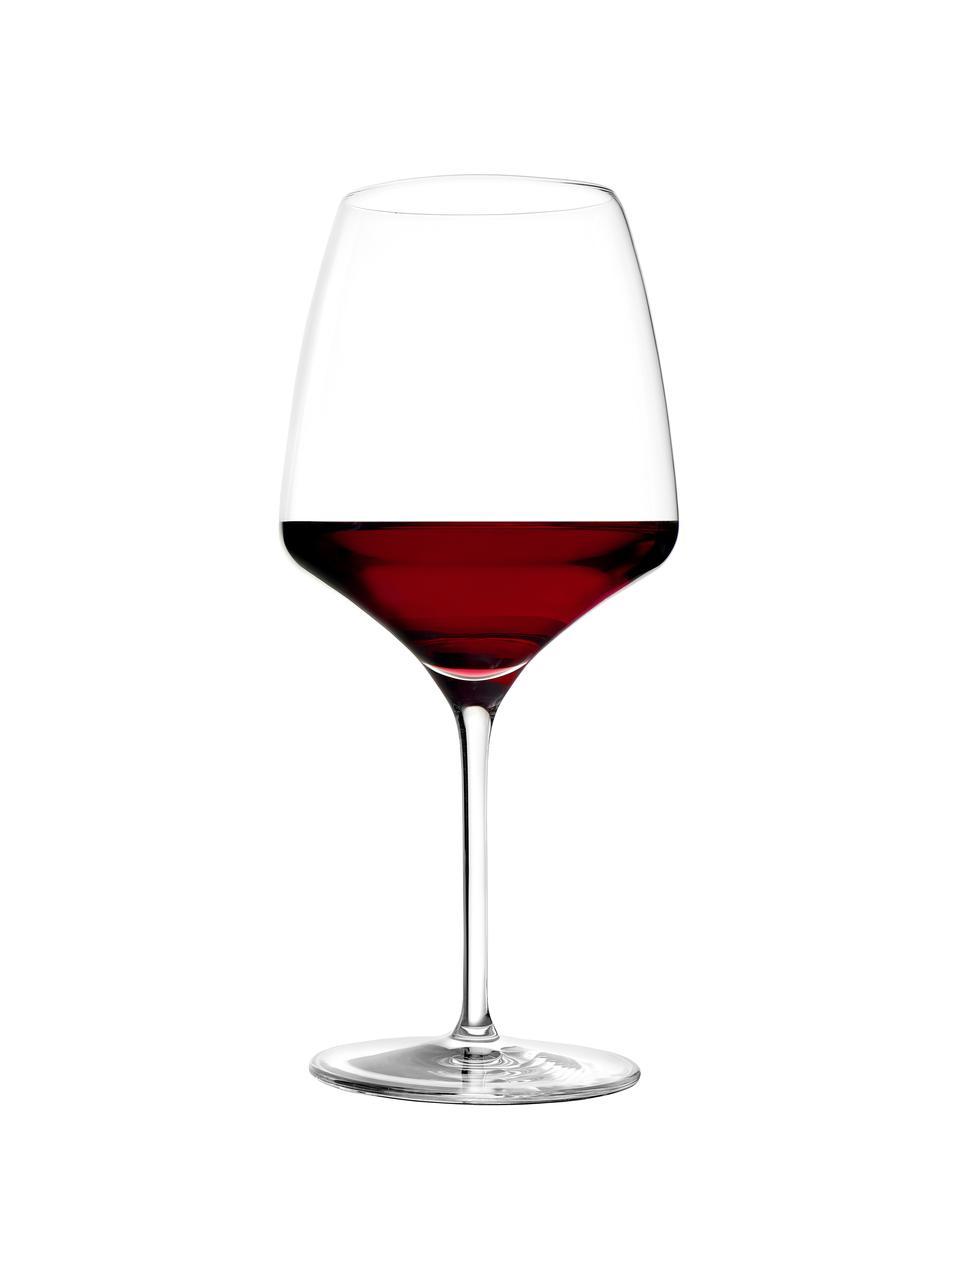 Rode wijnglazen Experience, 6 stuks, Kristalglas, Transparant, Ø 11 x H 23 cm